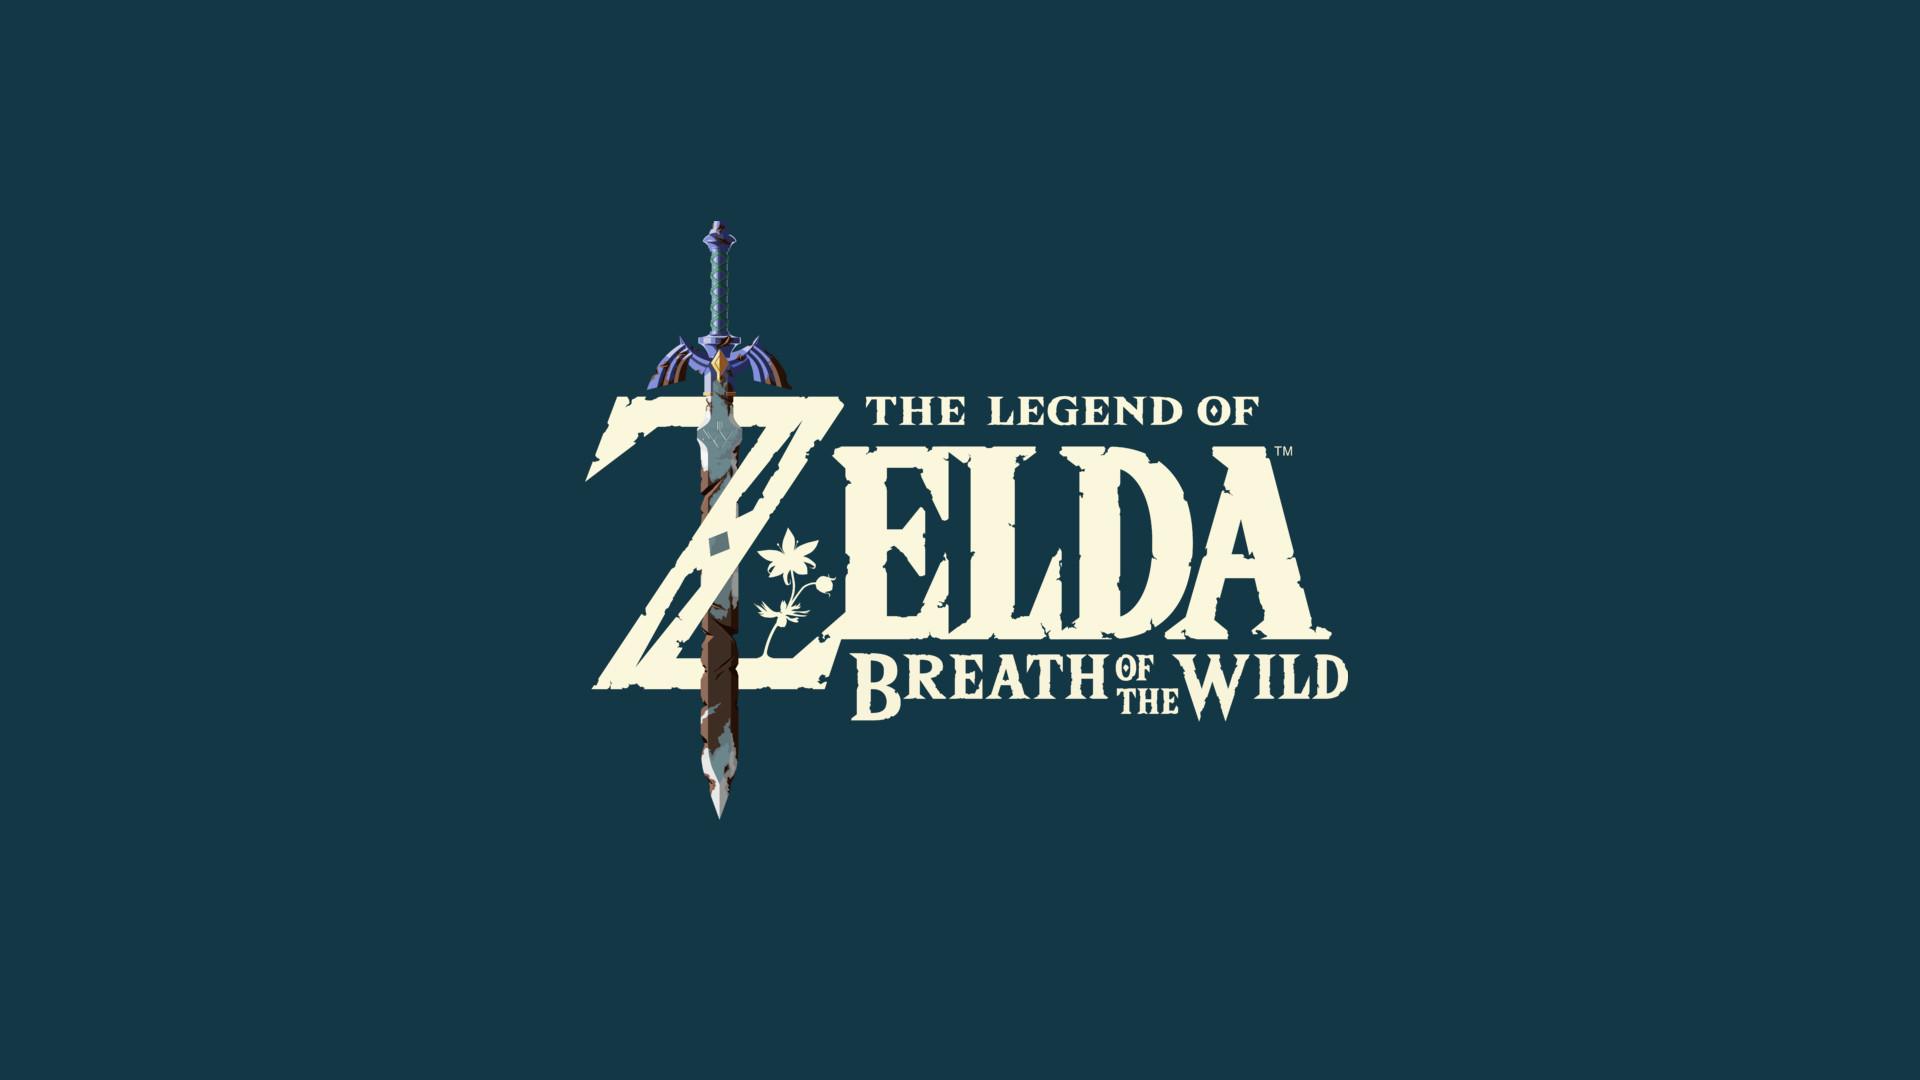 Video Game – The Legend of Zelda: Breath of the Wild Nintendo Wallpaper